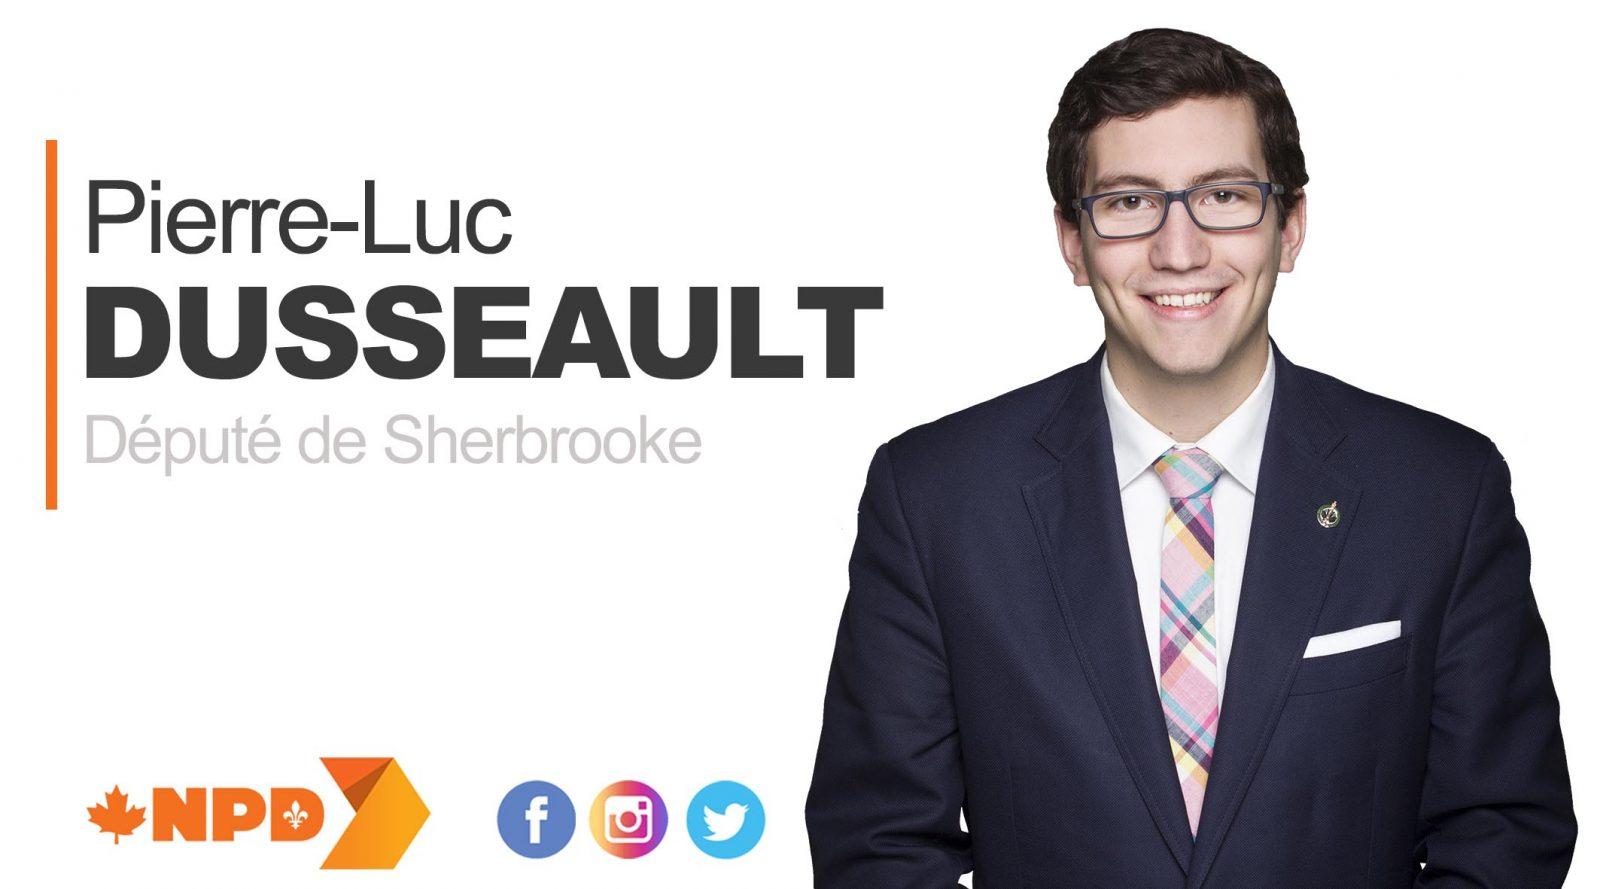 Pierre-Luc Dusseault, député